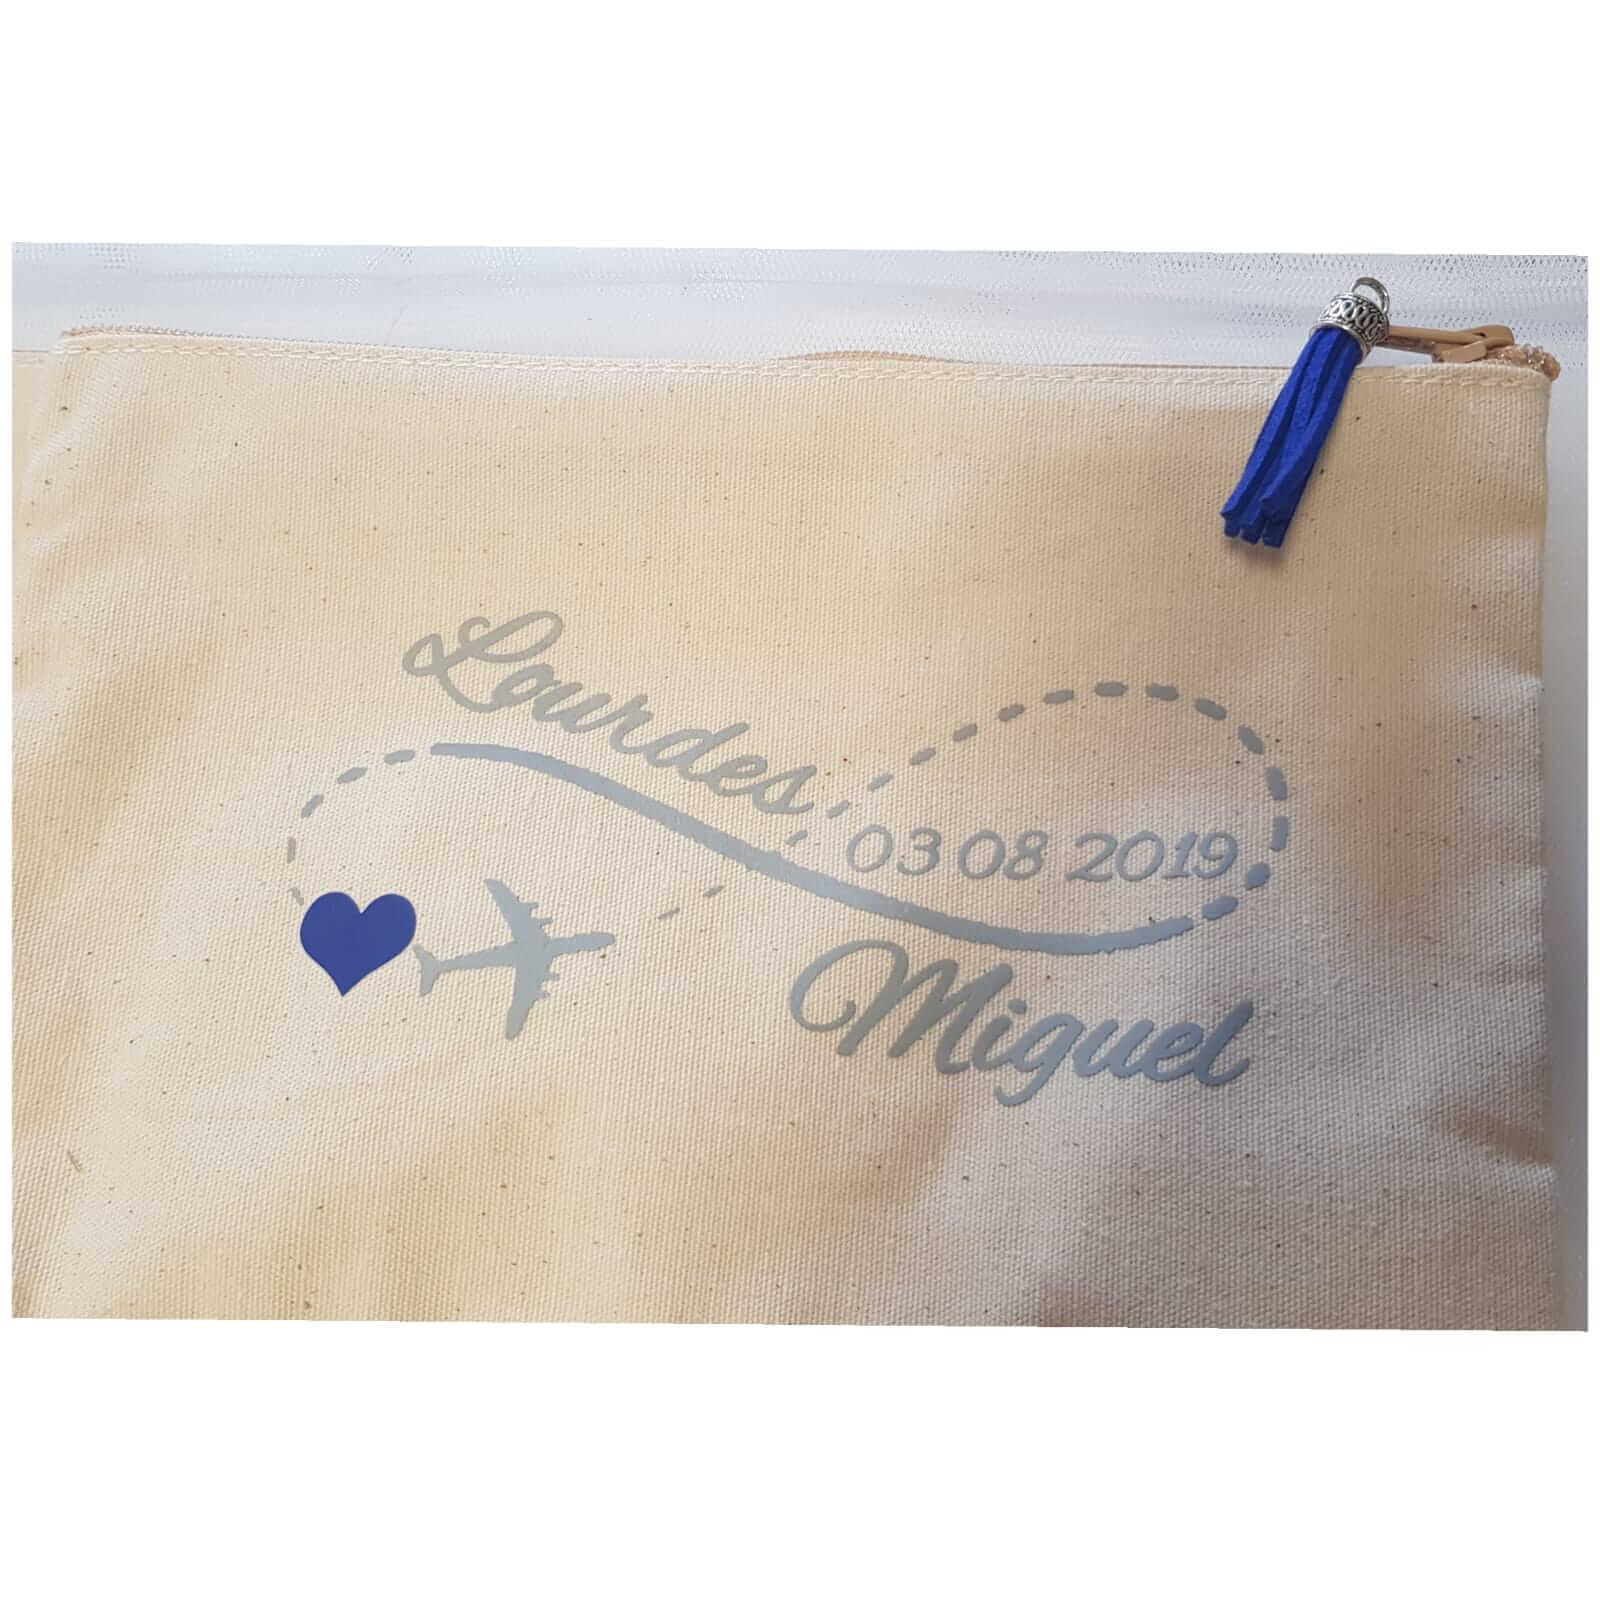 neceser personalizado | regalos personalizados neceser personalizado - neceser personalizado regalos personalizados 2 - neceser personalizado  | regalos personalizados